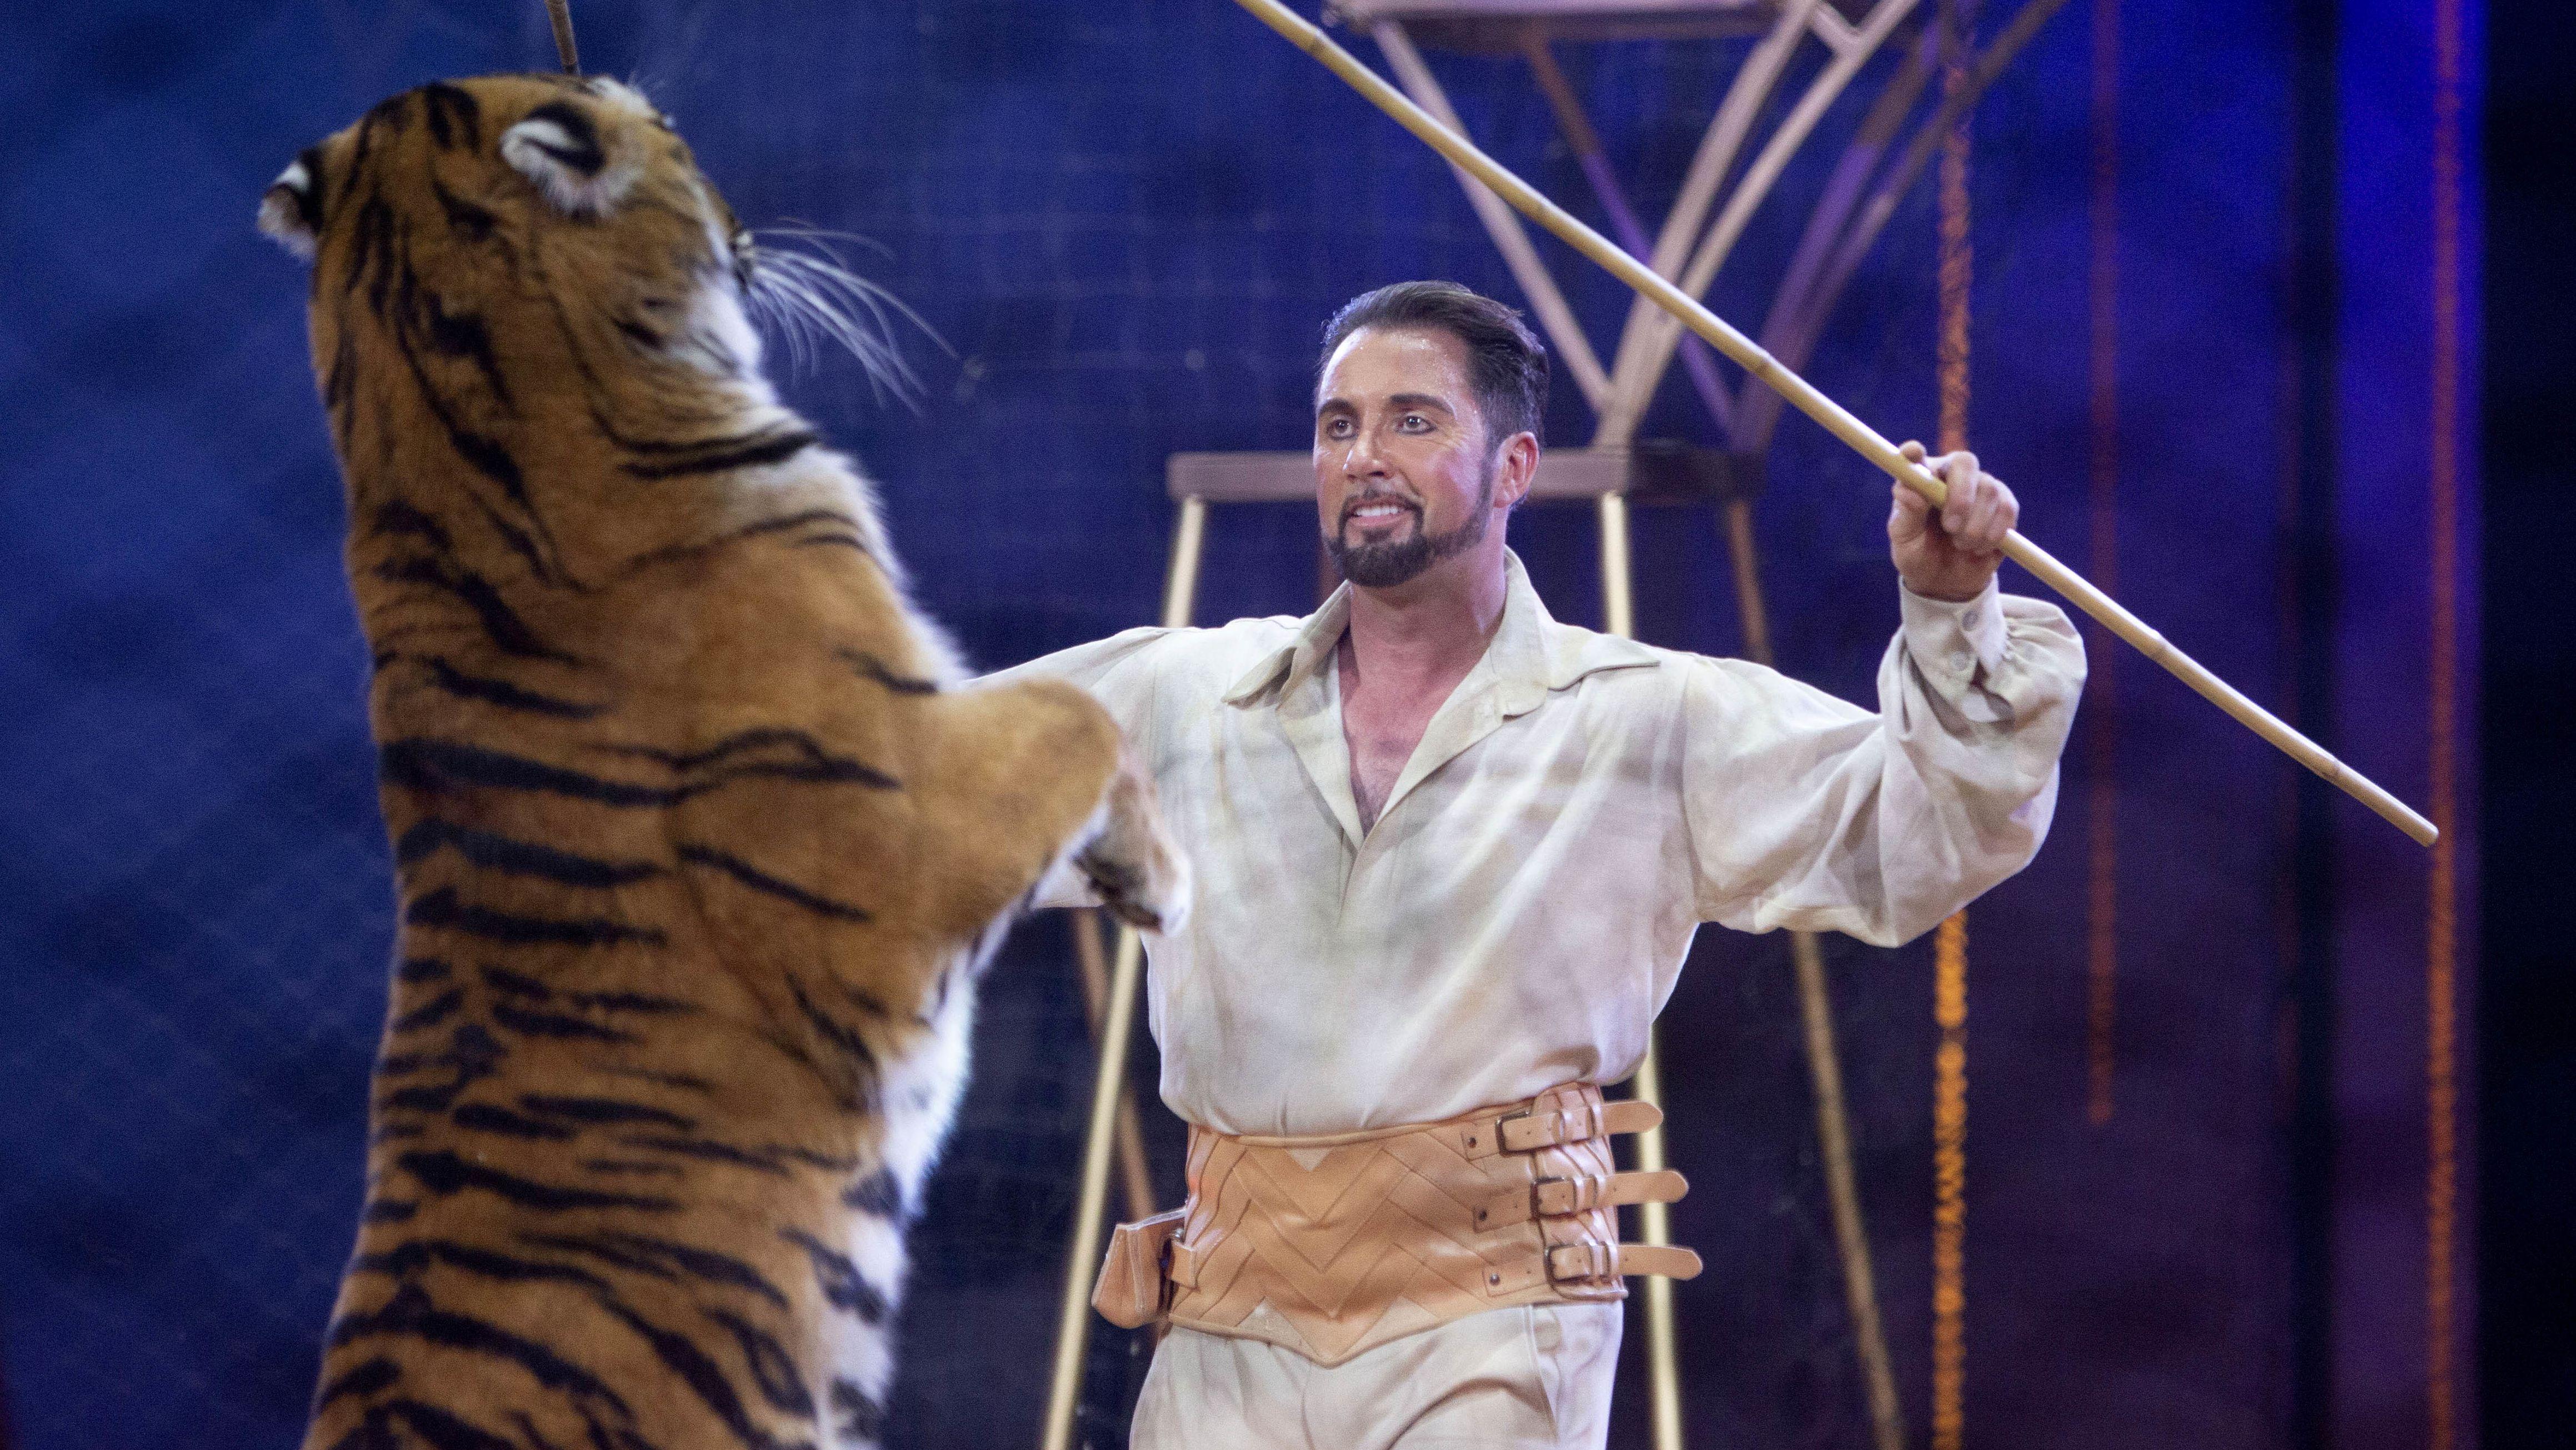 Martin Lacey jr. bei der Vorführung einer Tiger-Dressur